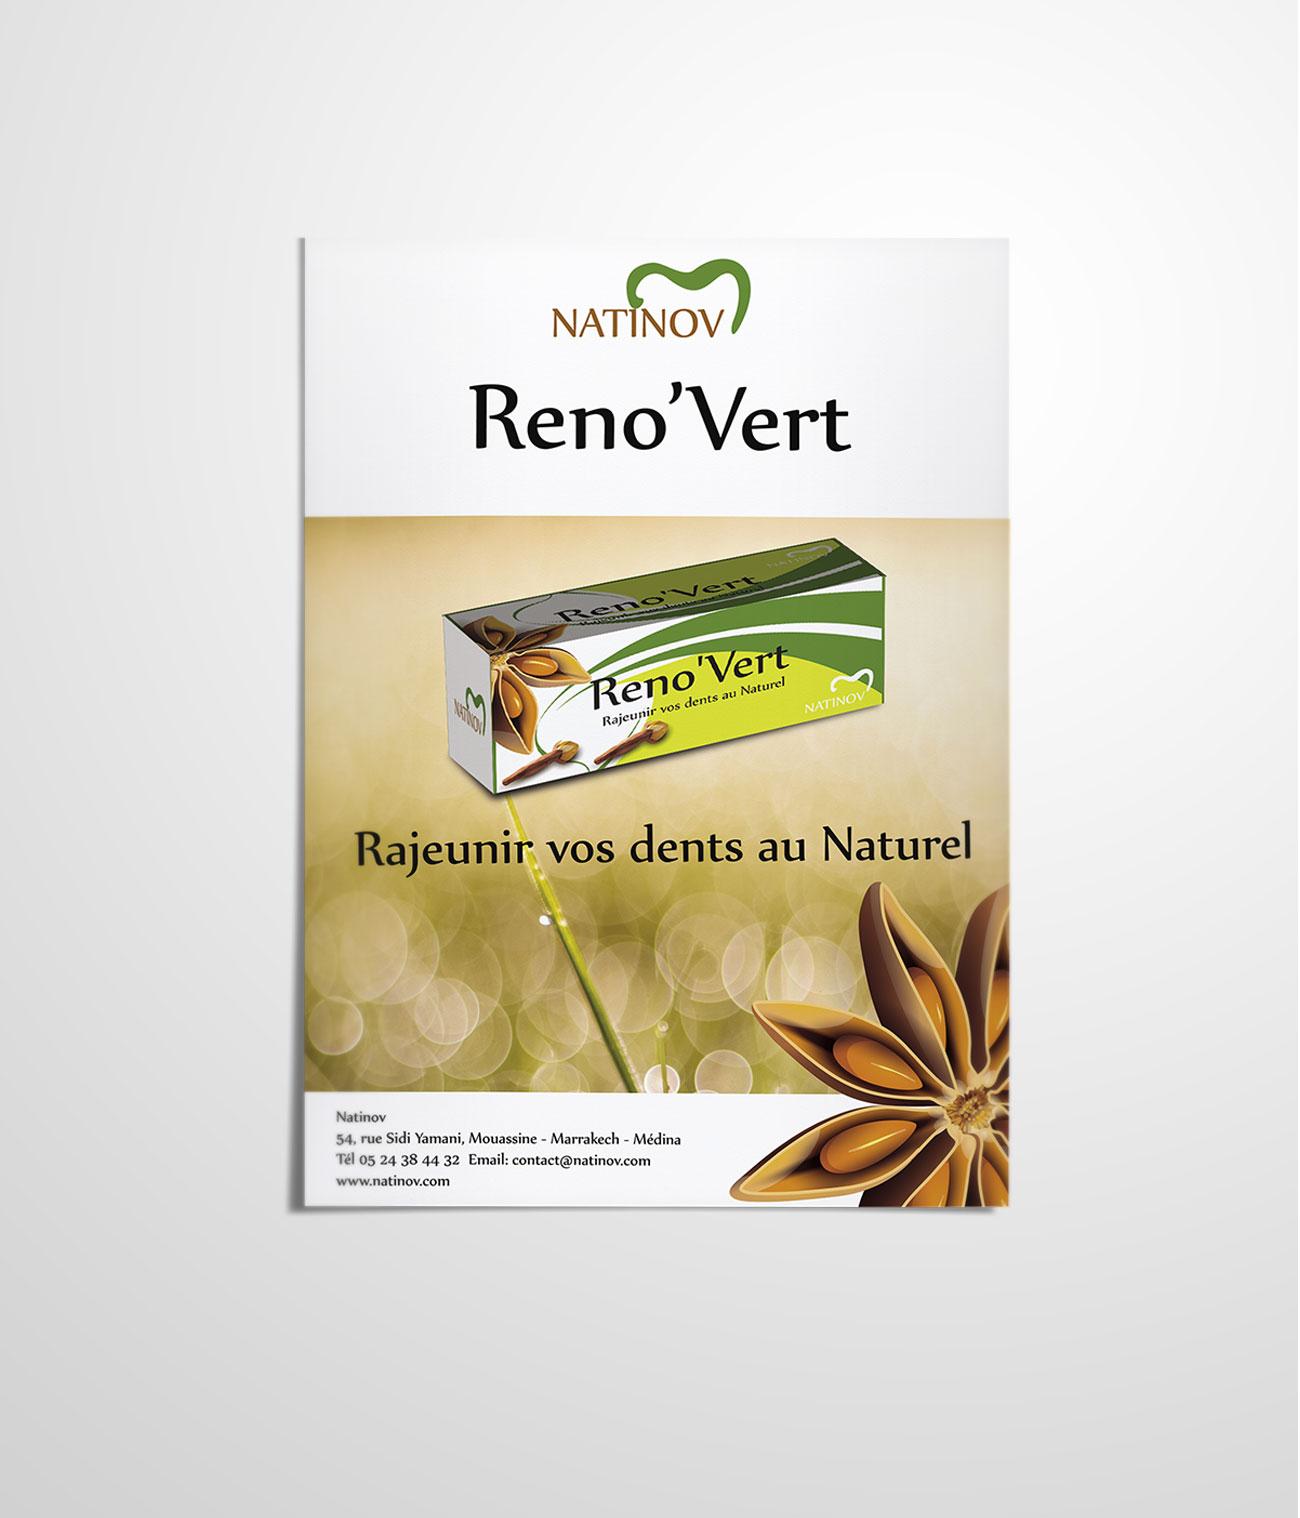 Nationov Reno'vert flyer